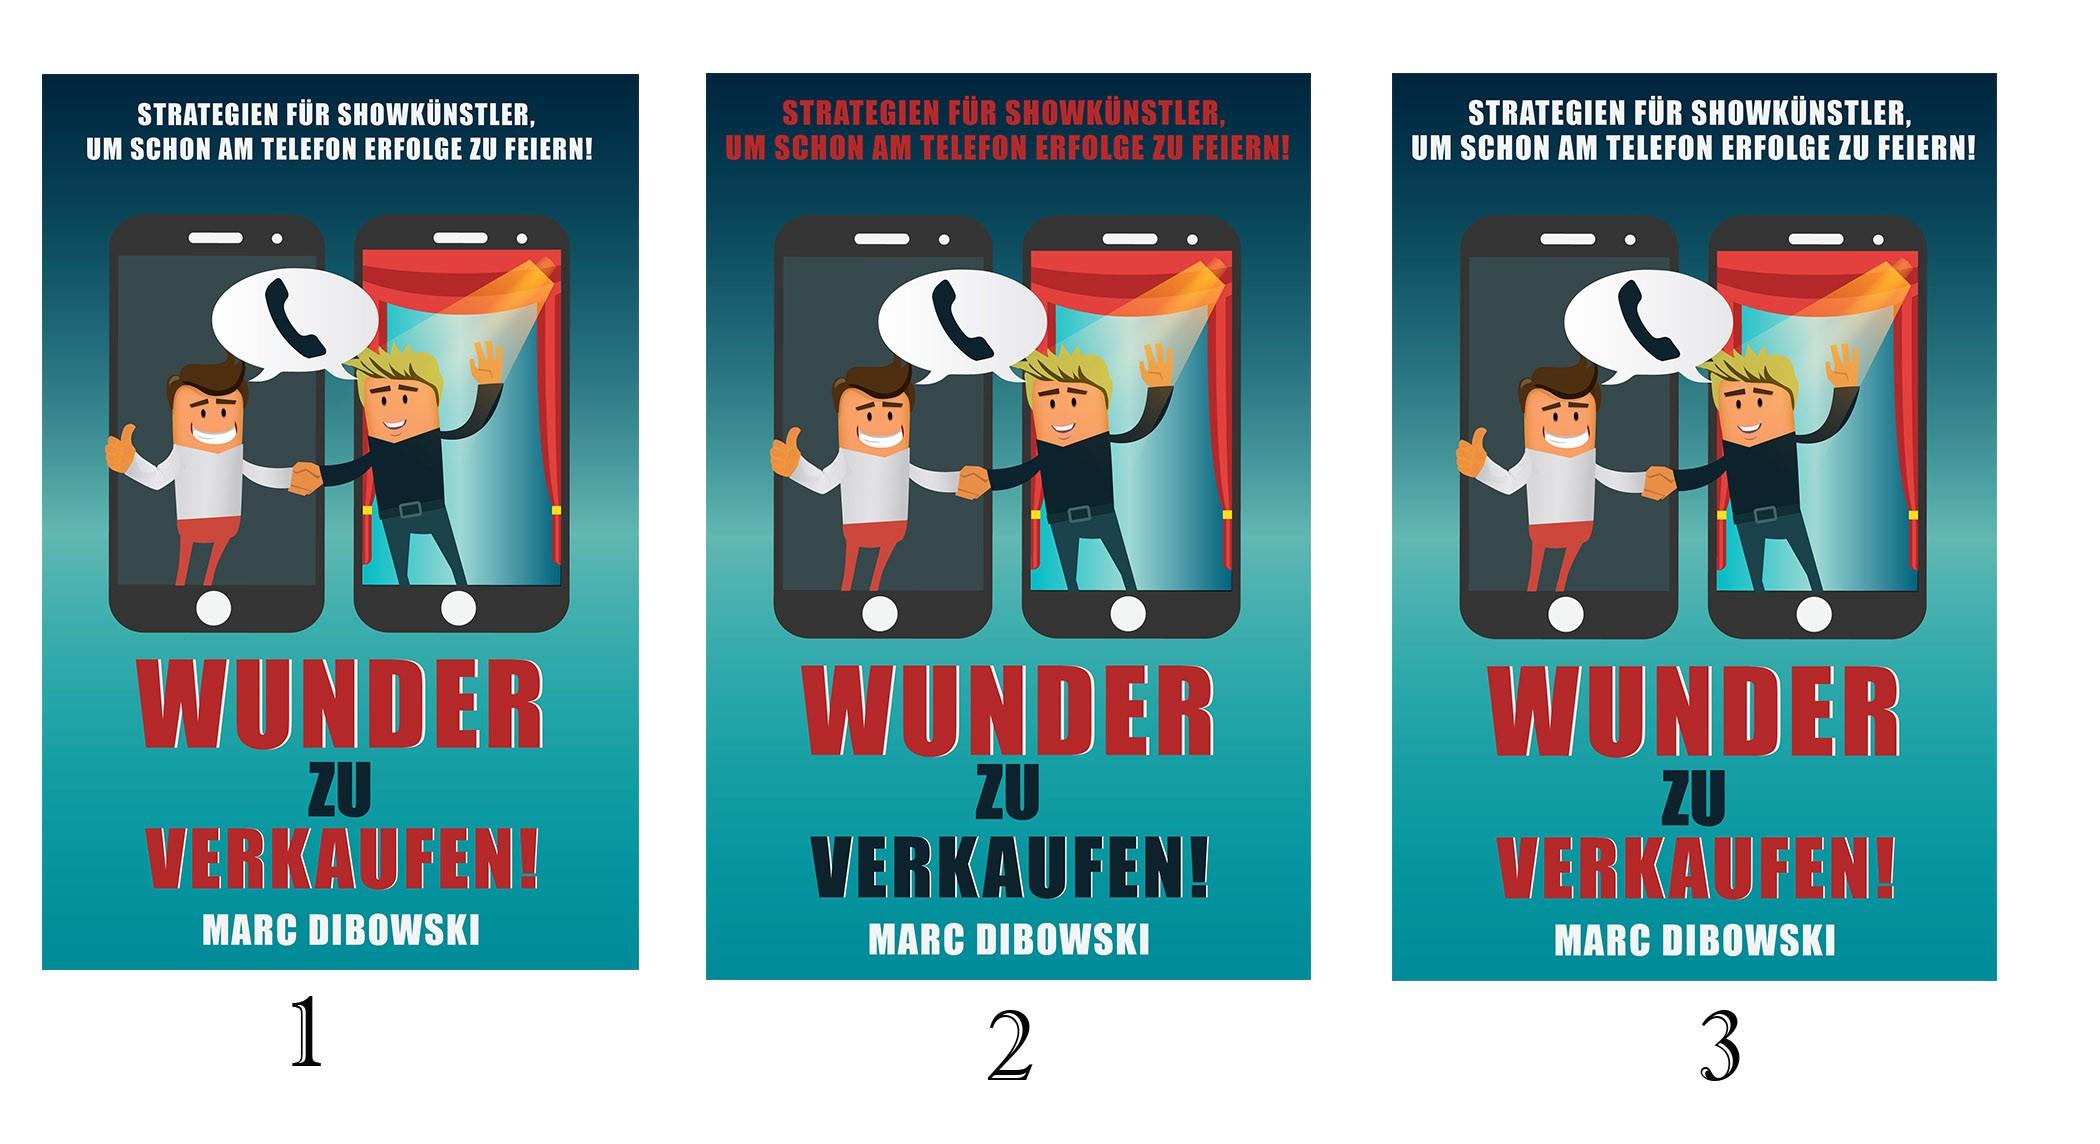 Marketingbuch für Zauber- und Showkünstler